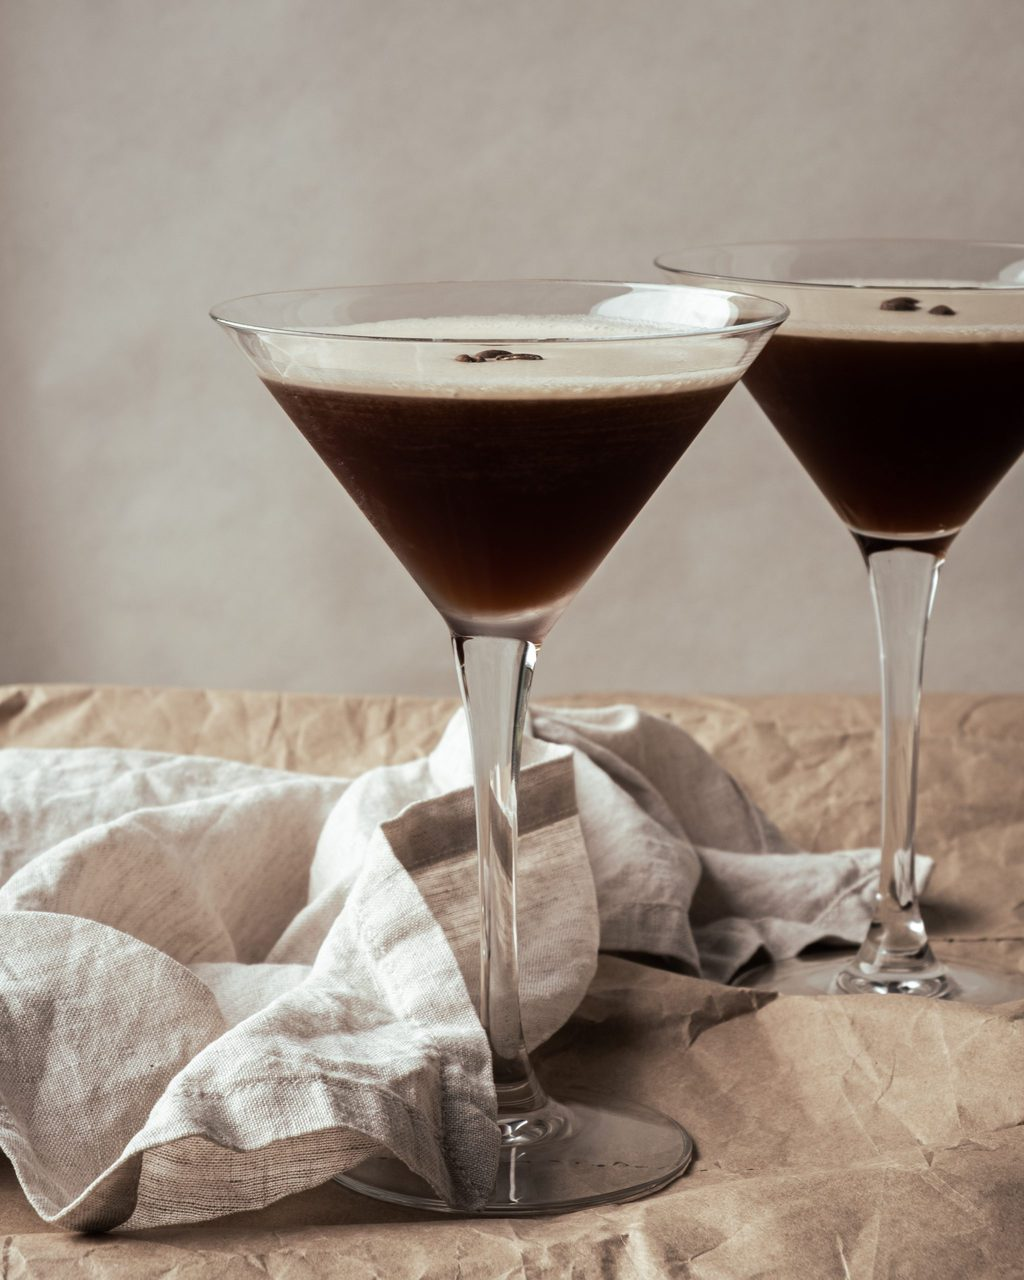 espresso martini from side